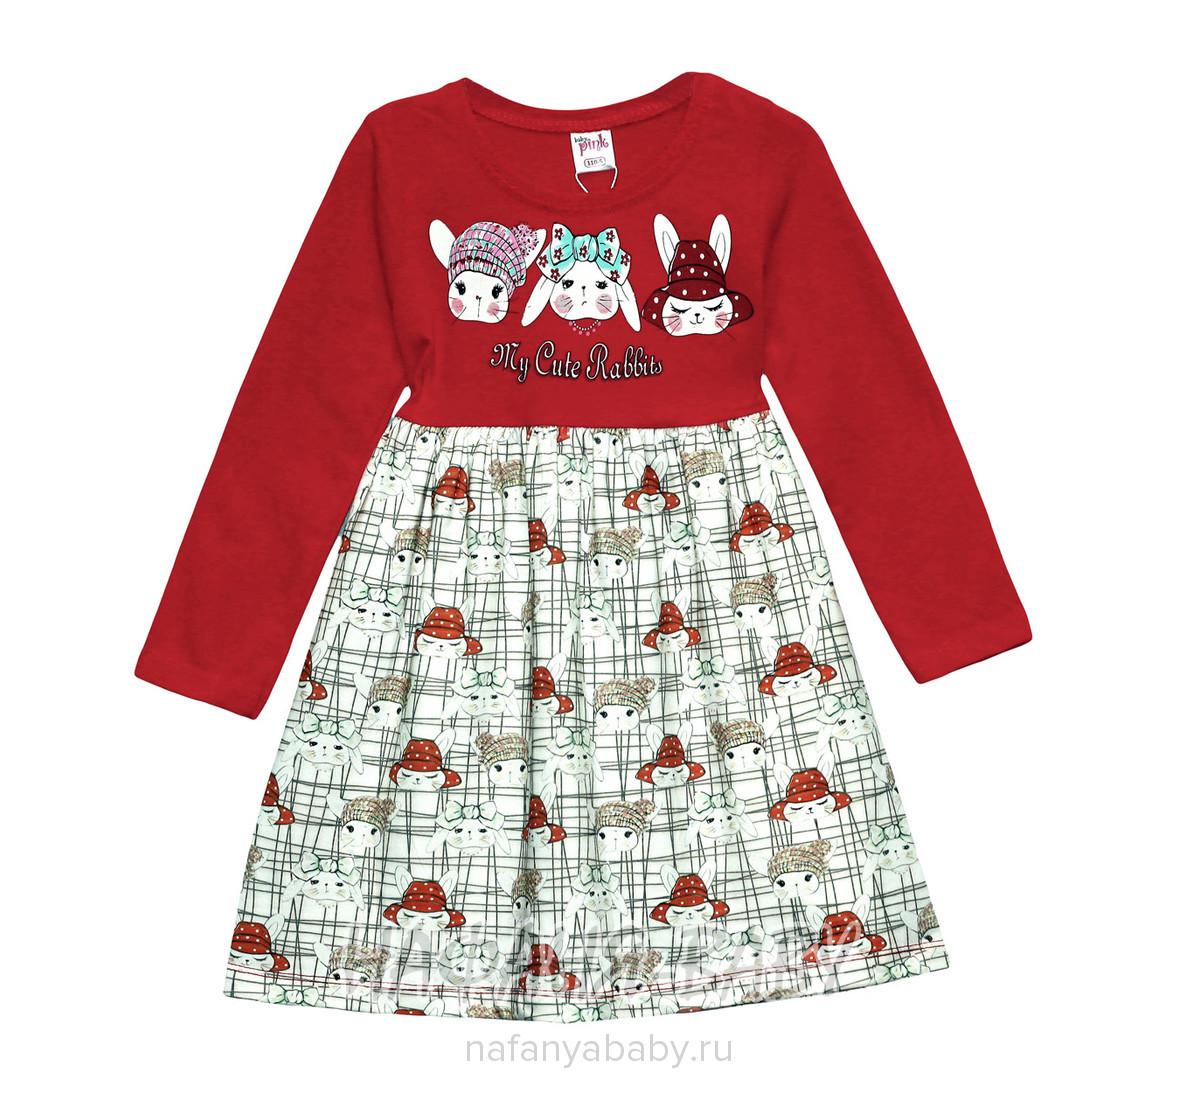 Детское платье PINK арт: 9229, 1-4 года, 5-9 лет, цвет красный, оптом Турция